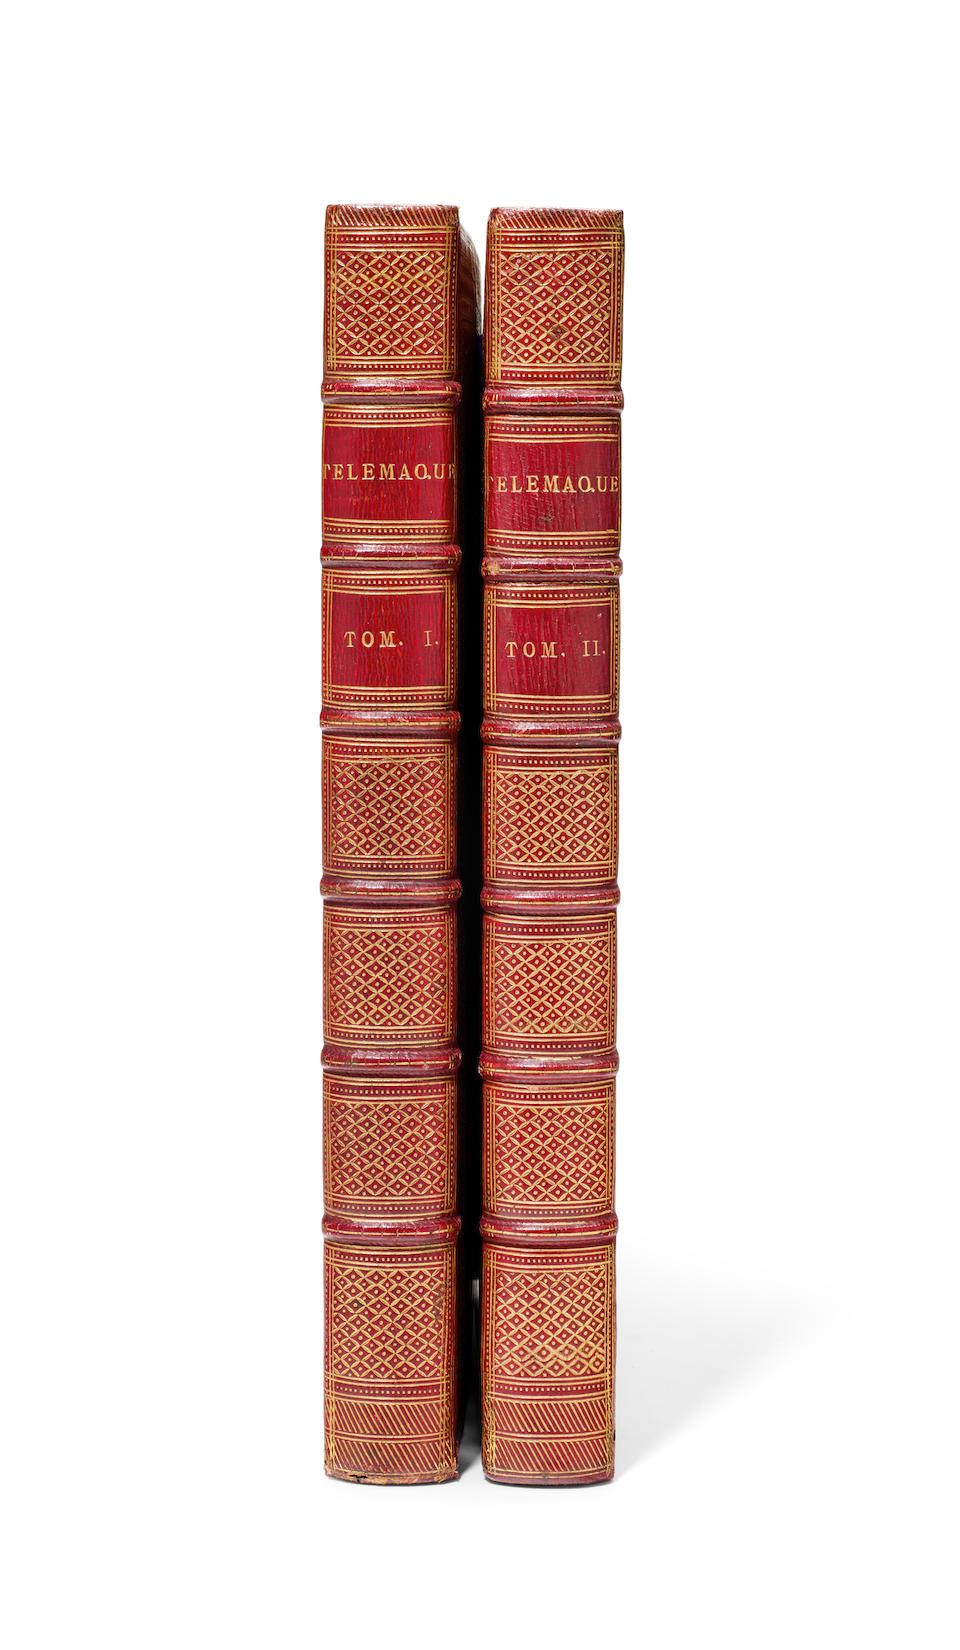 FÉNELON, FRANÇOIS DE SALIGNAC DE LA MOTHE. 1651-1715. Les Aventures de Telemaque.  Paris: Imprimerie de Monsieur, 1785.